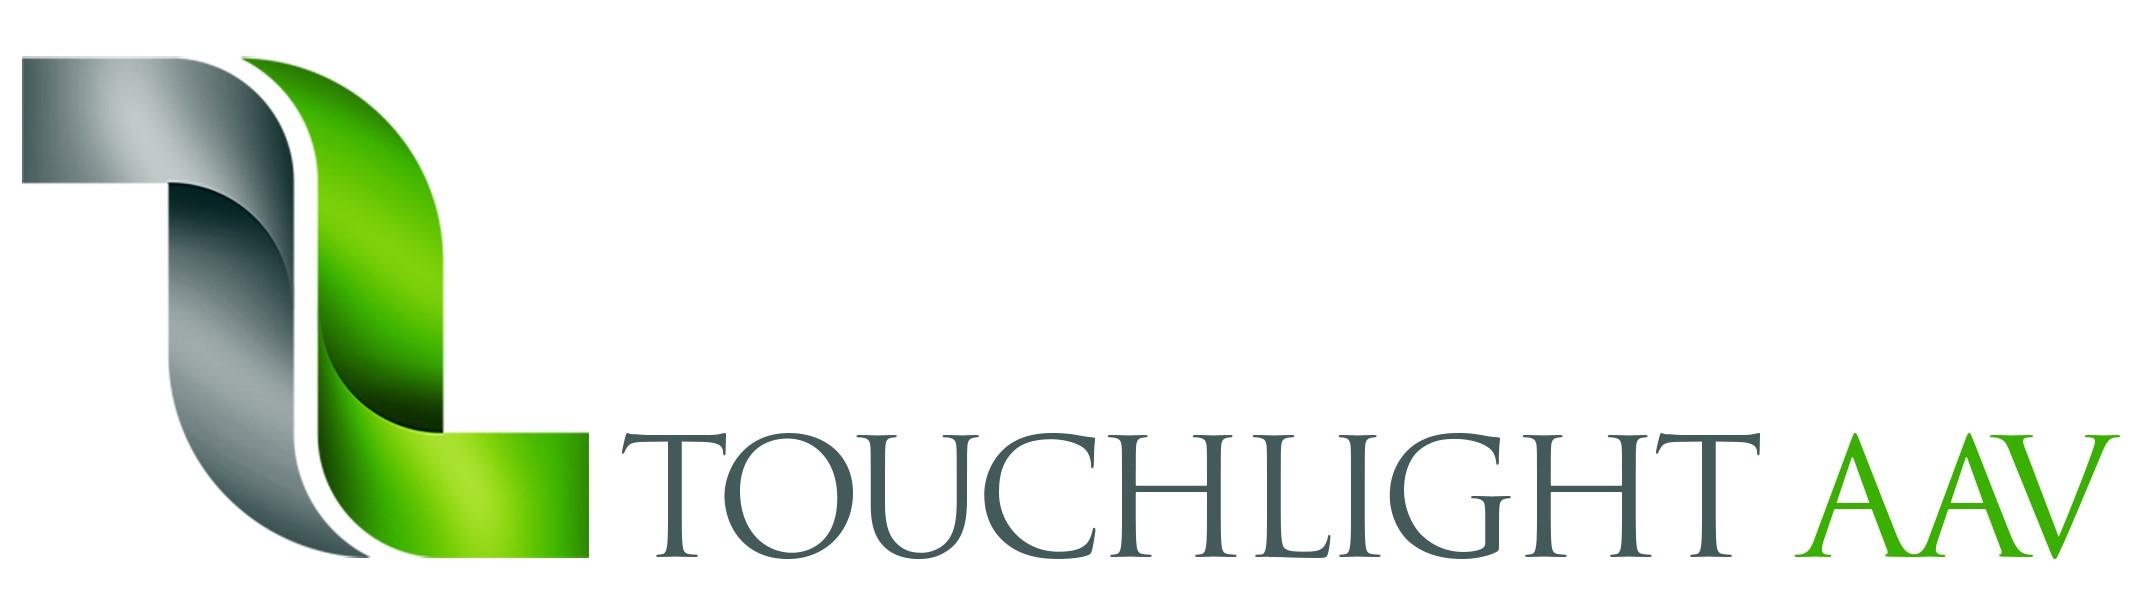 TouchlightAAV